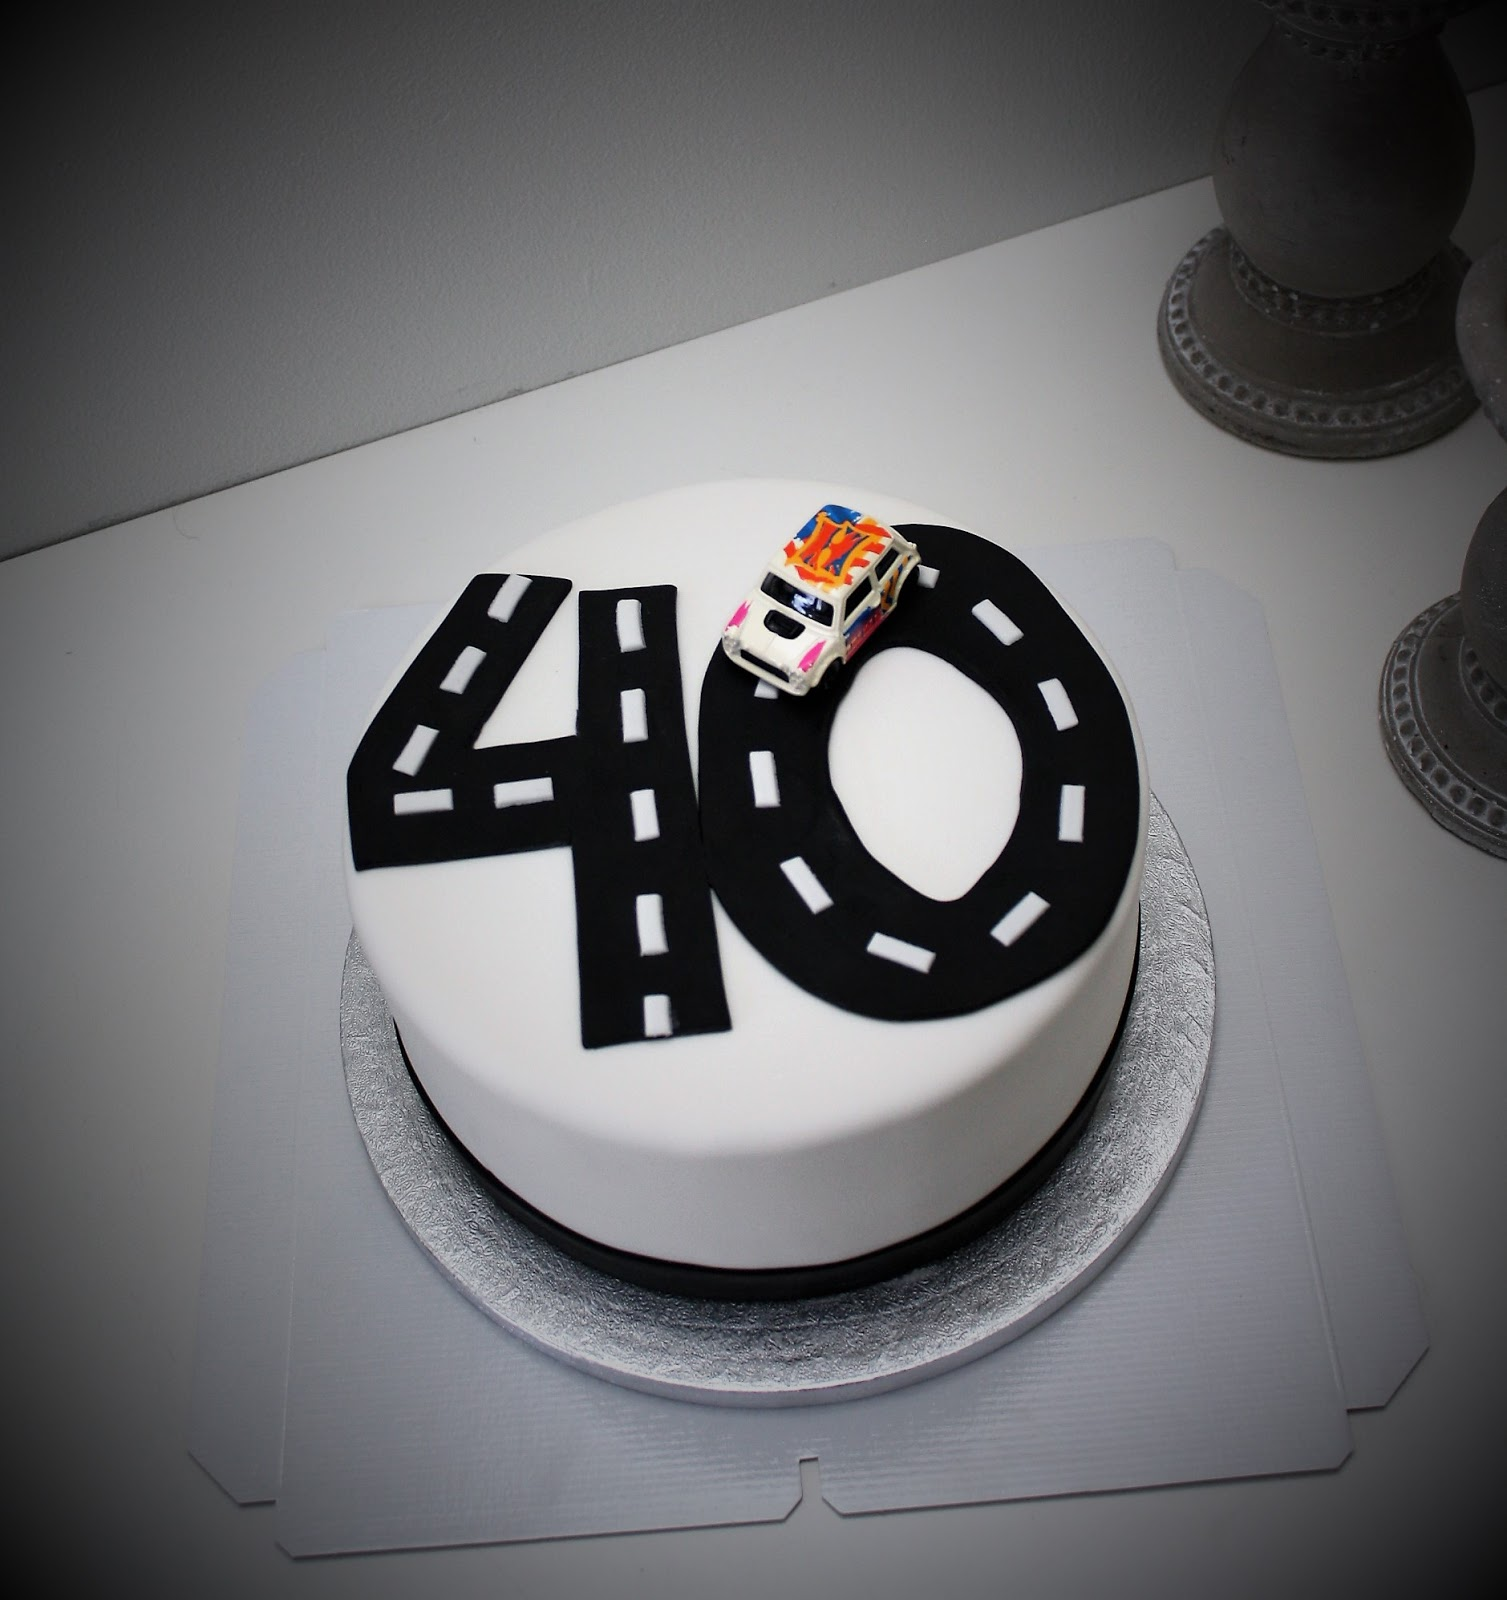 tårta 40 år Mat & dryck   Nillashandicraft   40 års tårta » Sevendays tårta 40 år